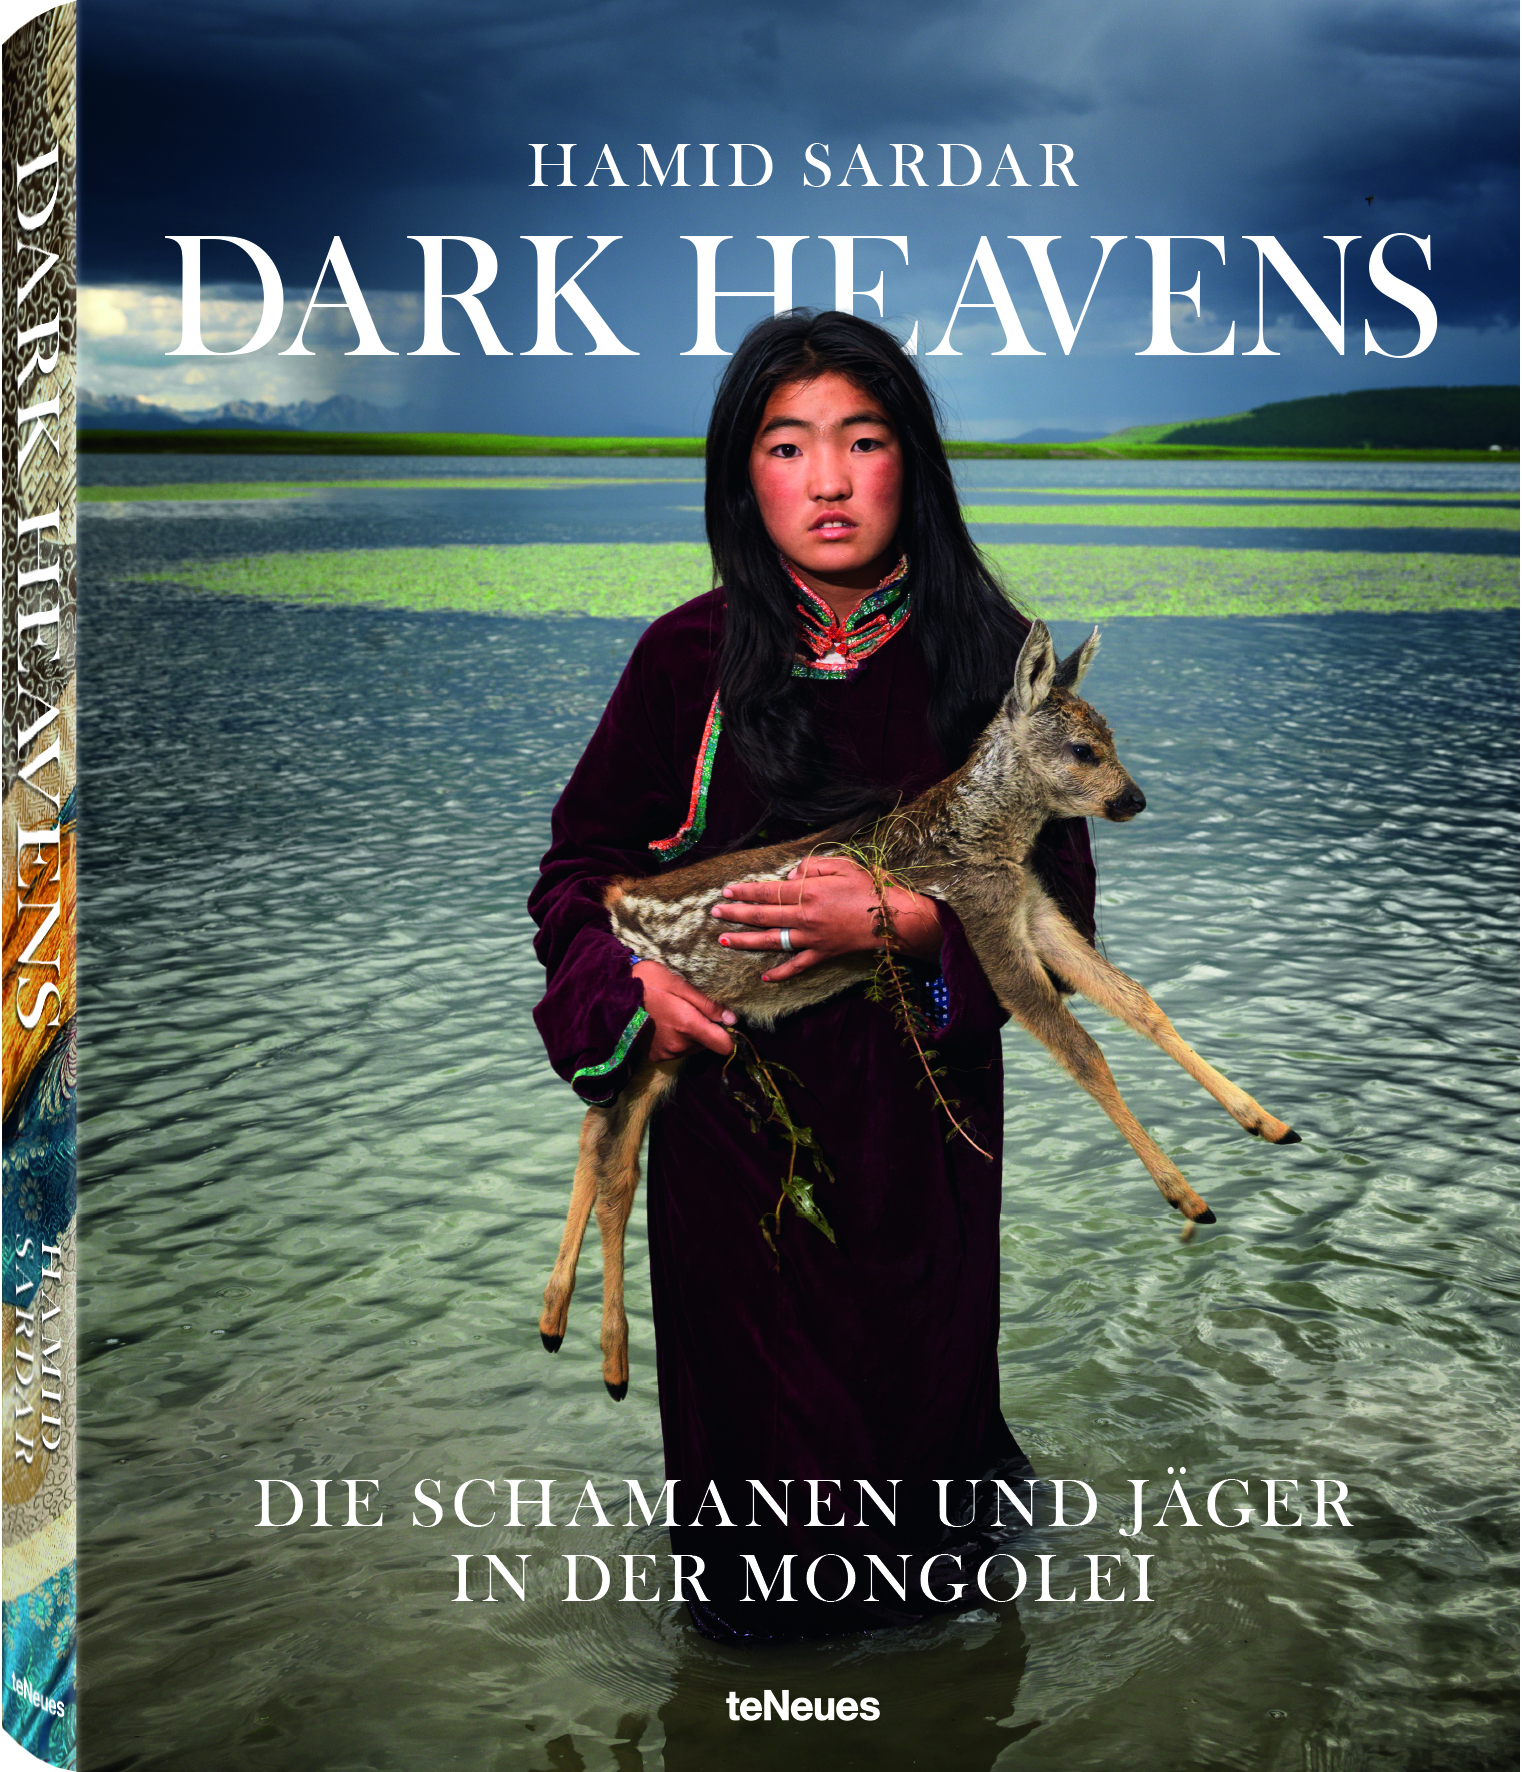 © Dark Heavens - Die Schamanen & Jäger in der Mongolei von Hamid Sardar, erscheint im September 2016 bei teNeues, € 79,90, www.teneues.com , Lake Fawn, Darhat Valley, Hovsgol Province, Mongolia, 2011 , Photo © 2016 Hamid Sardar. All rights reserved. www.hamidsardarphoto.com